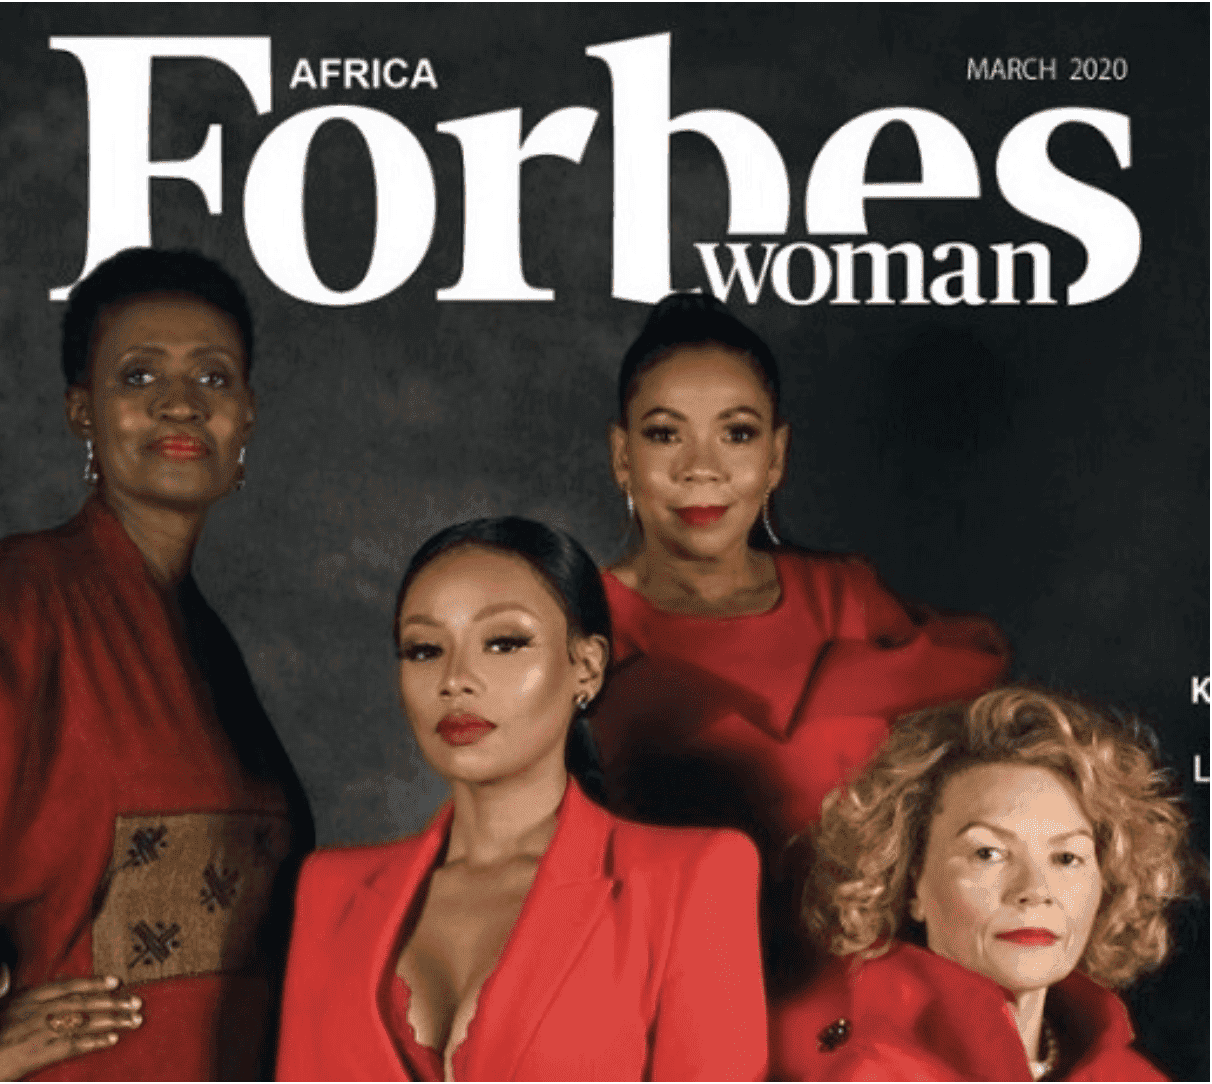 DEUX CAMEROUNAISES DANS LE CLASSEMENT FORBES 2020 DES FEMMES LES PLUS PUISSANTES D'AFRIQUE